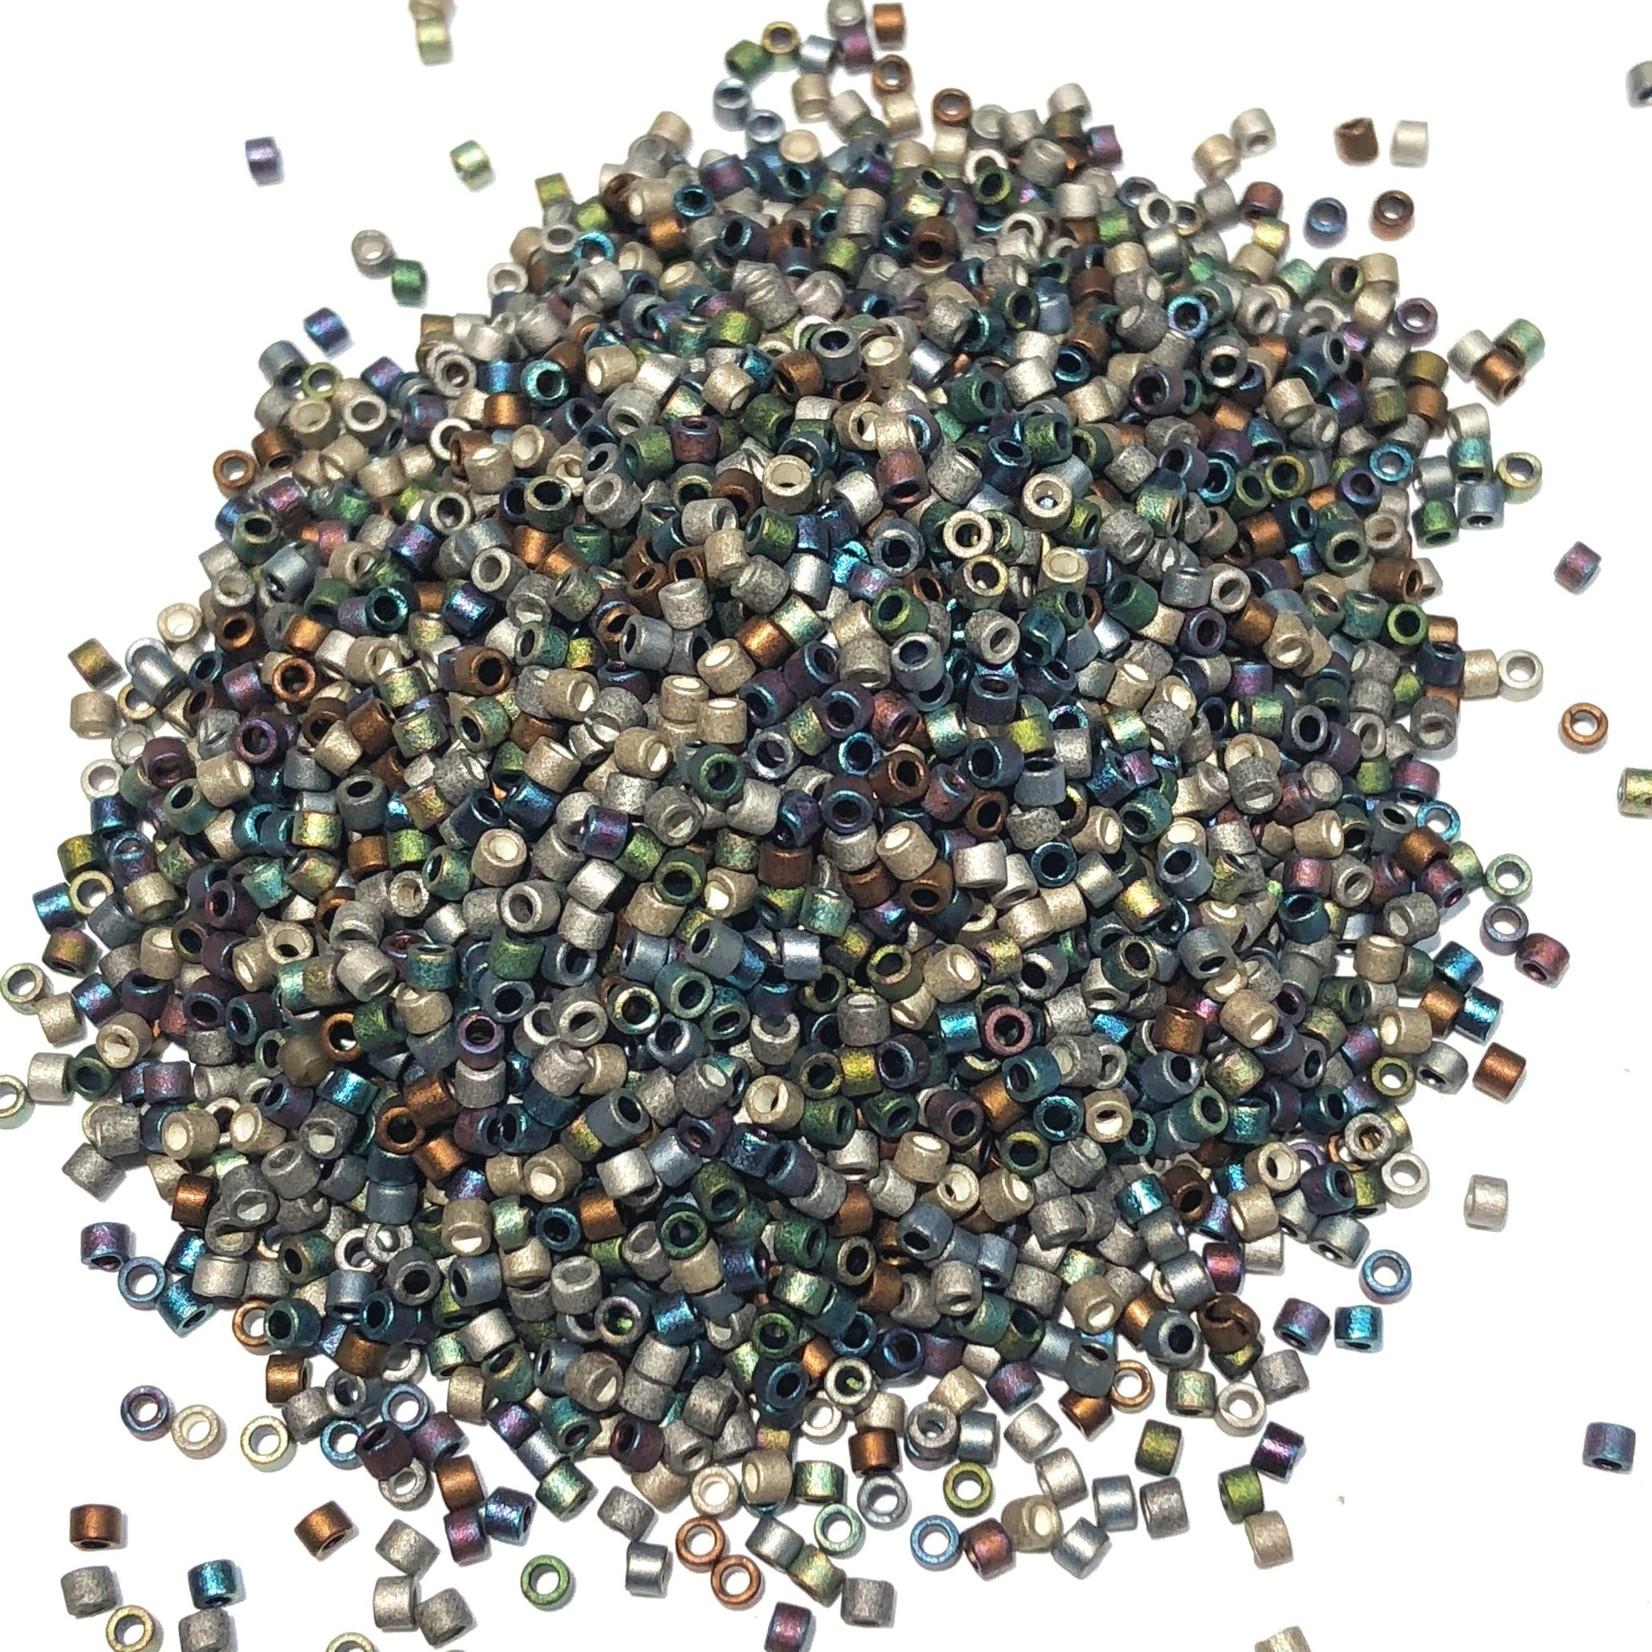 MIYUKI Delica 11-0 MIX Matte Heavy Metals 10g